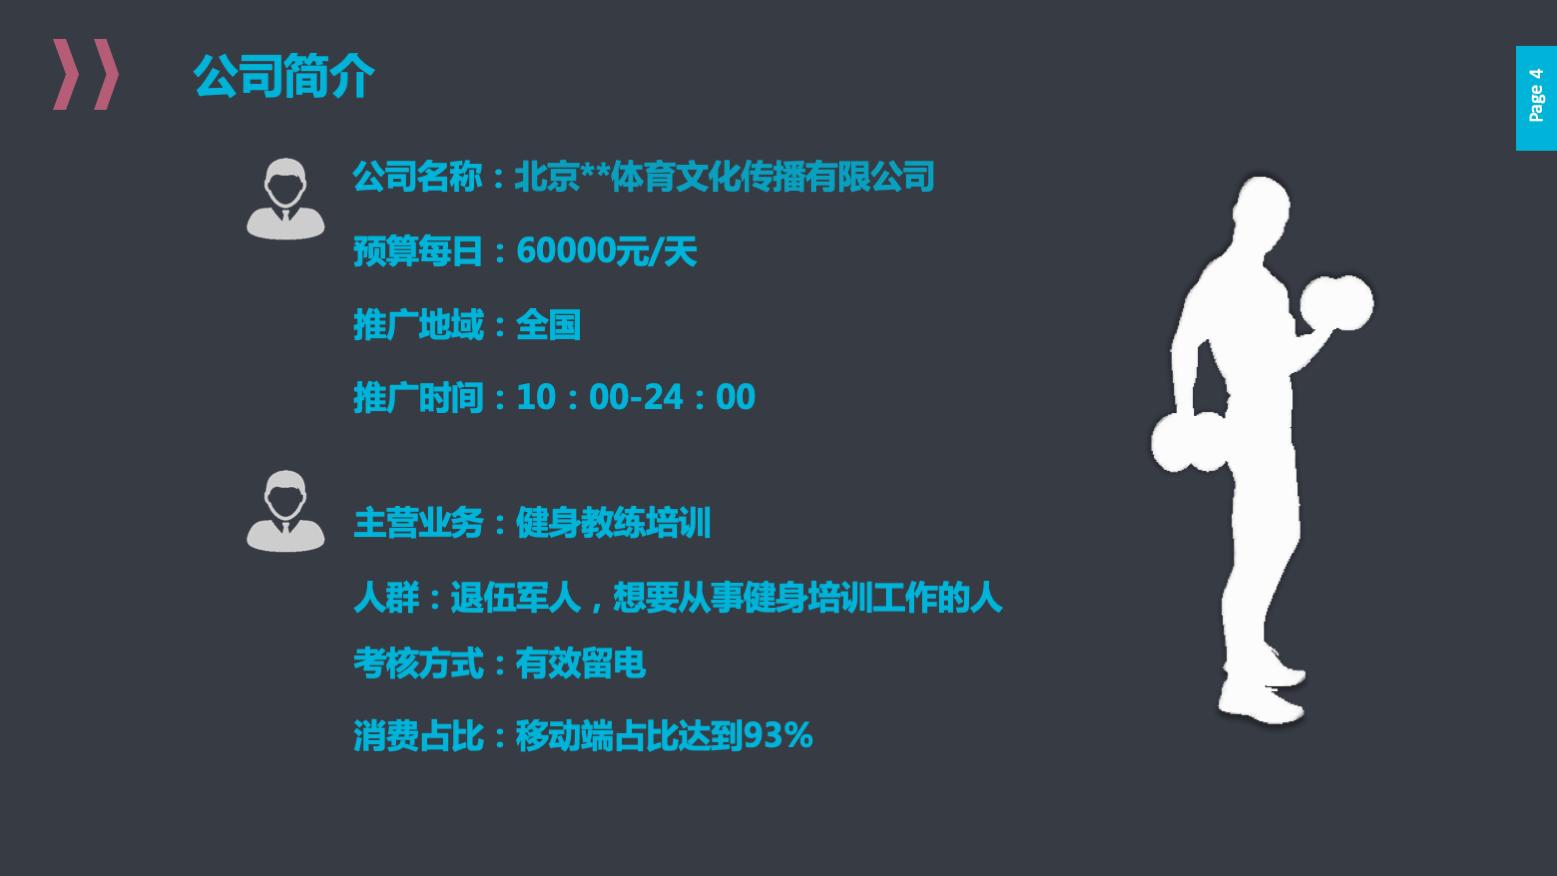 66 北分-凤巢-ocpc-教育培训-悦祥体育-南俊芝.png